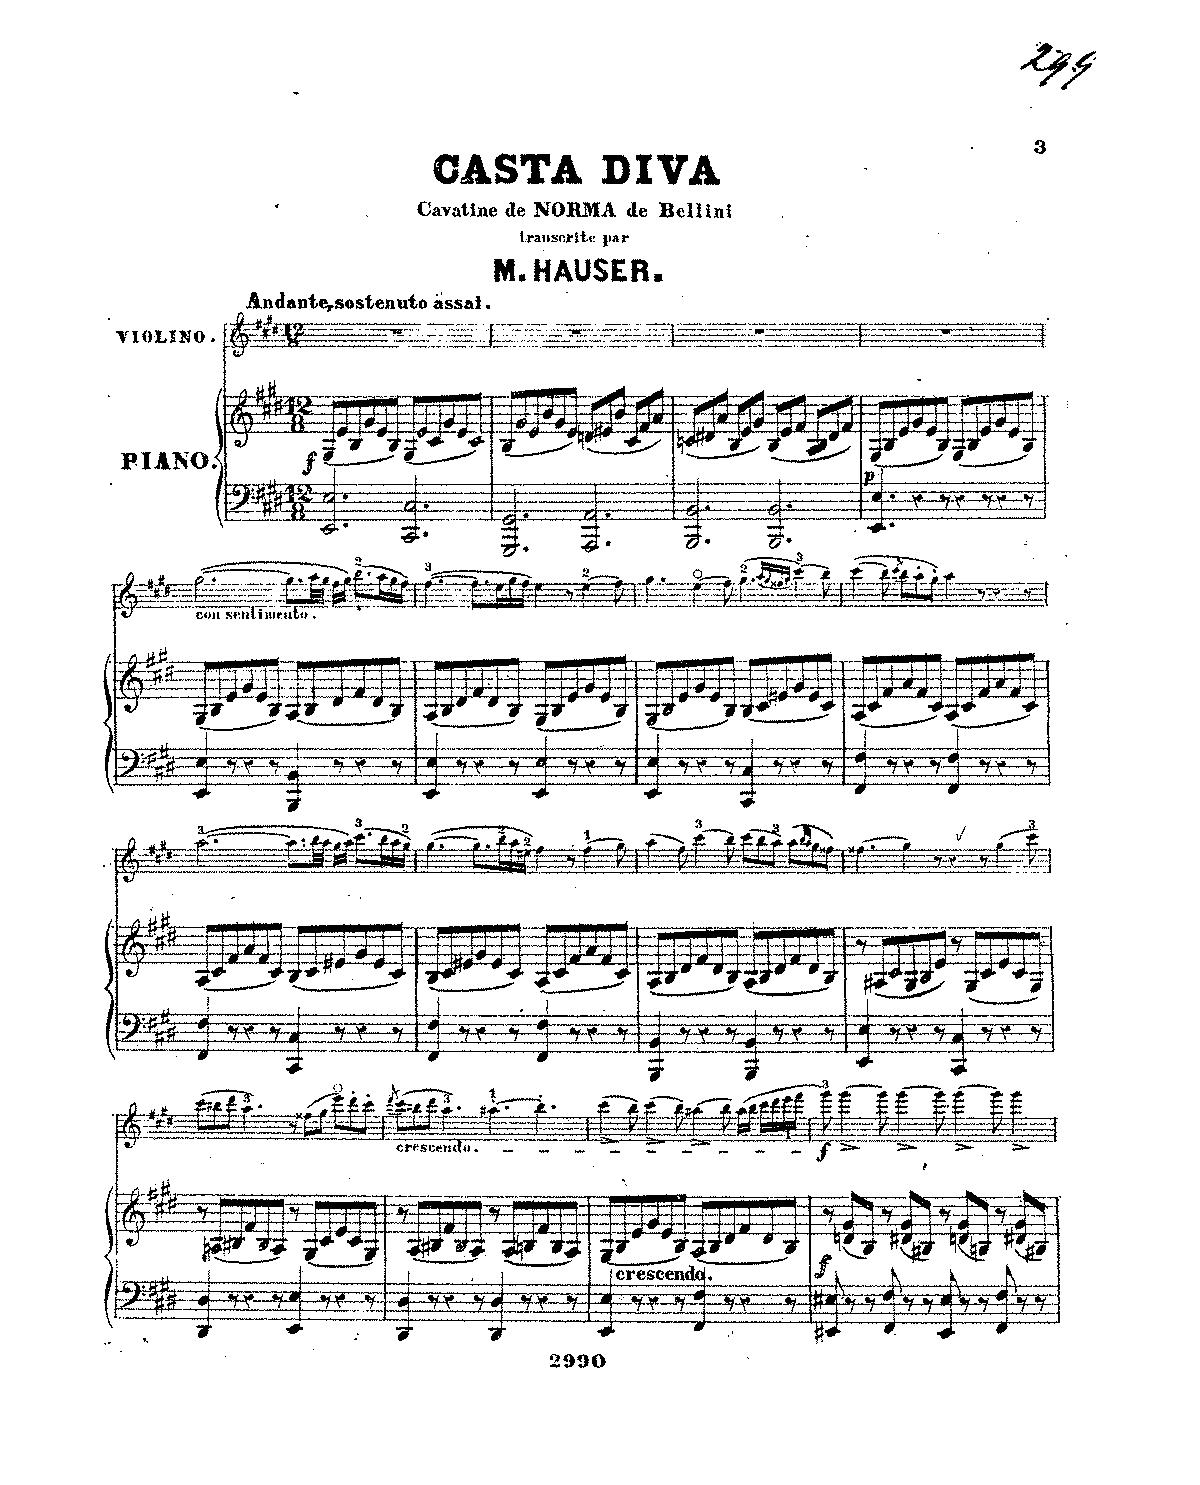 Norma bellini vincenzo imslp petrucci music library - Norma casta diva testo ...